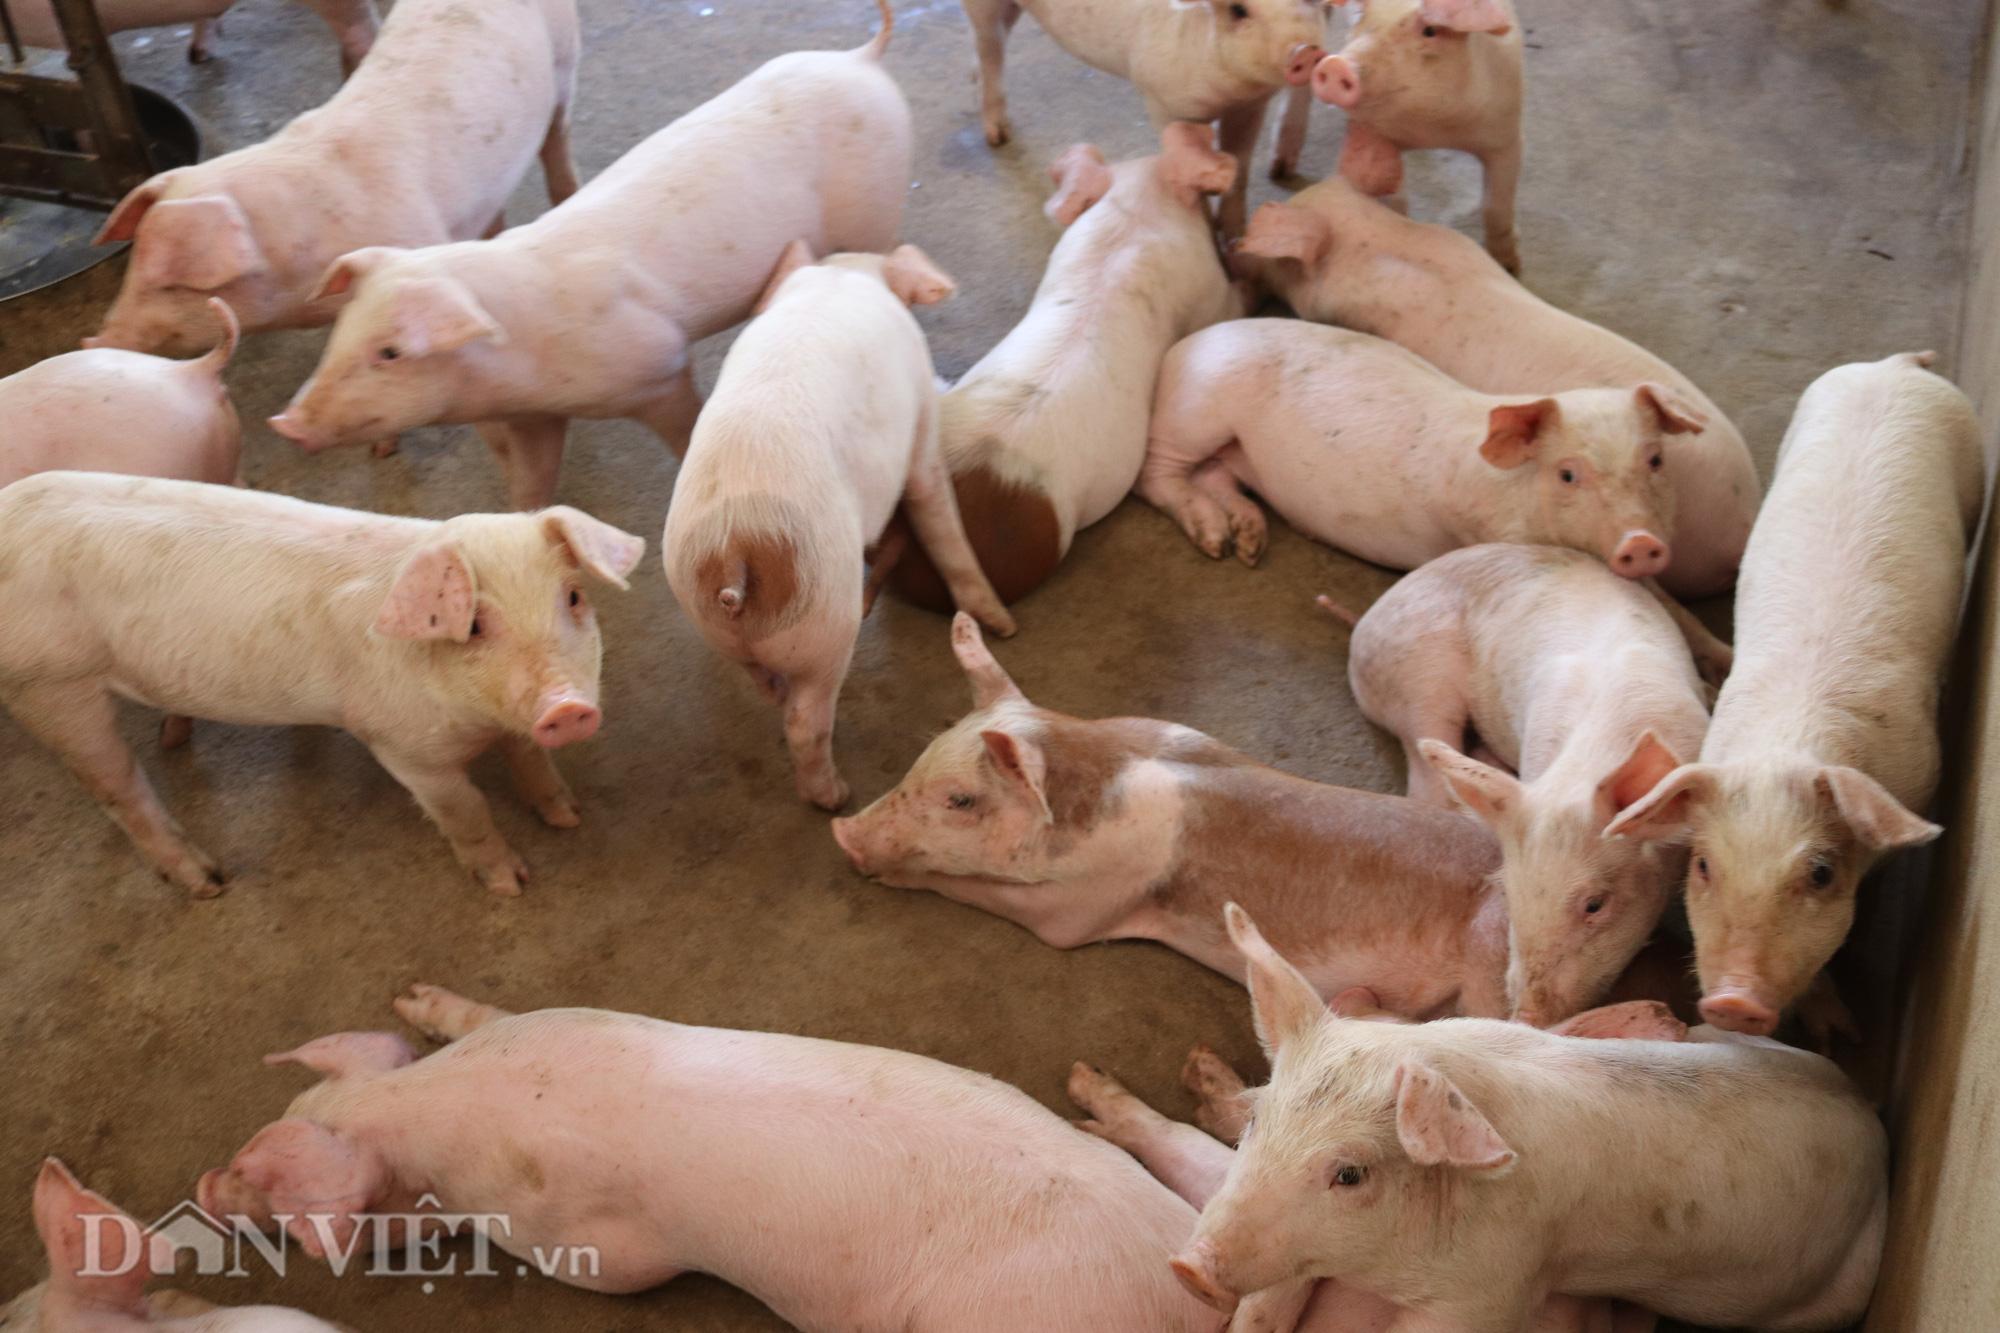 """Bí quyết """"bỏ túi' tiền tỷ từ nuôi lợn thịt của người phụ nữ Thái Sơn La - Ảnh 4."""